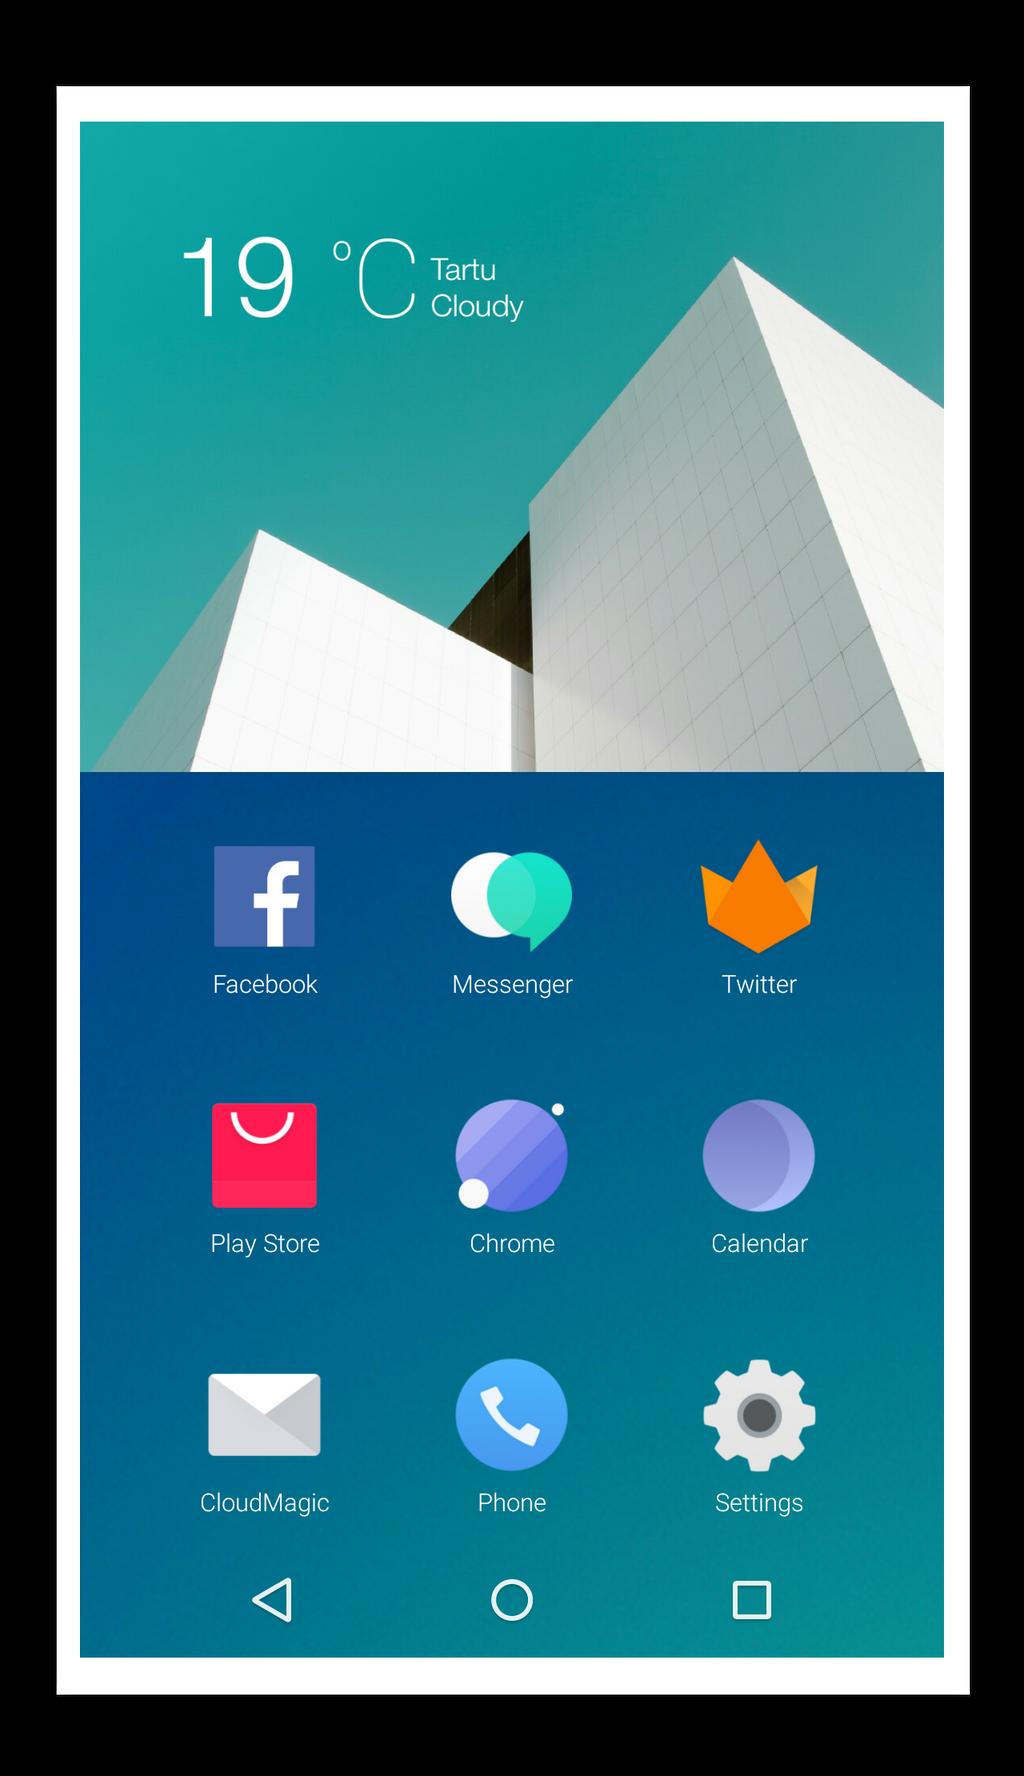 Hydrogen OS wannabe by radarist on DeviantArt